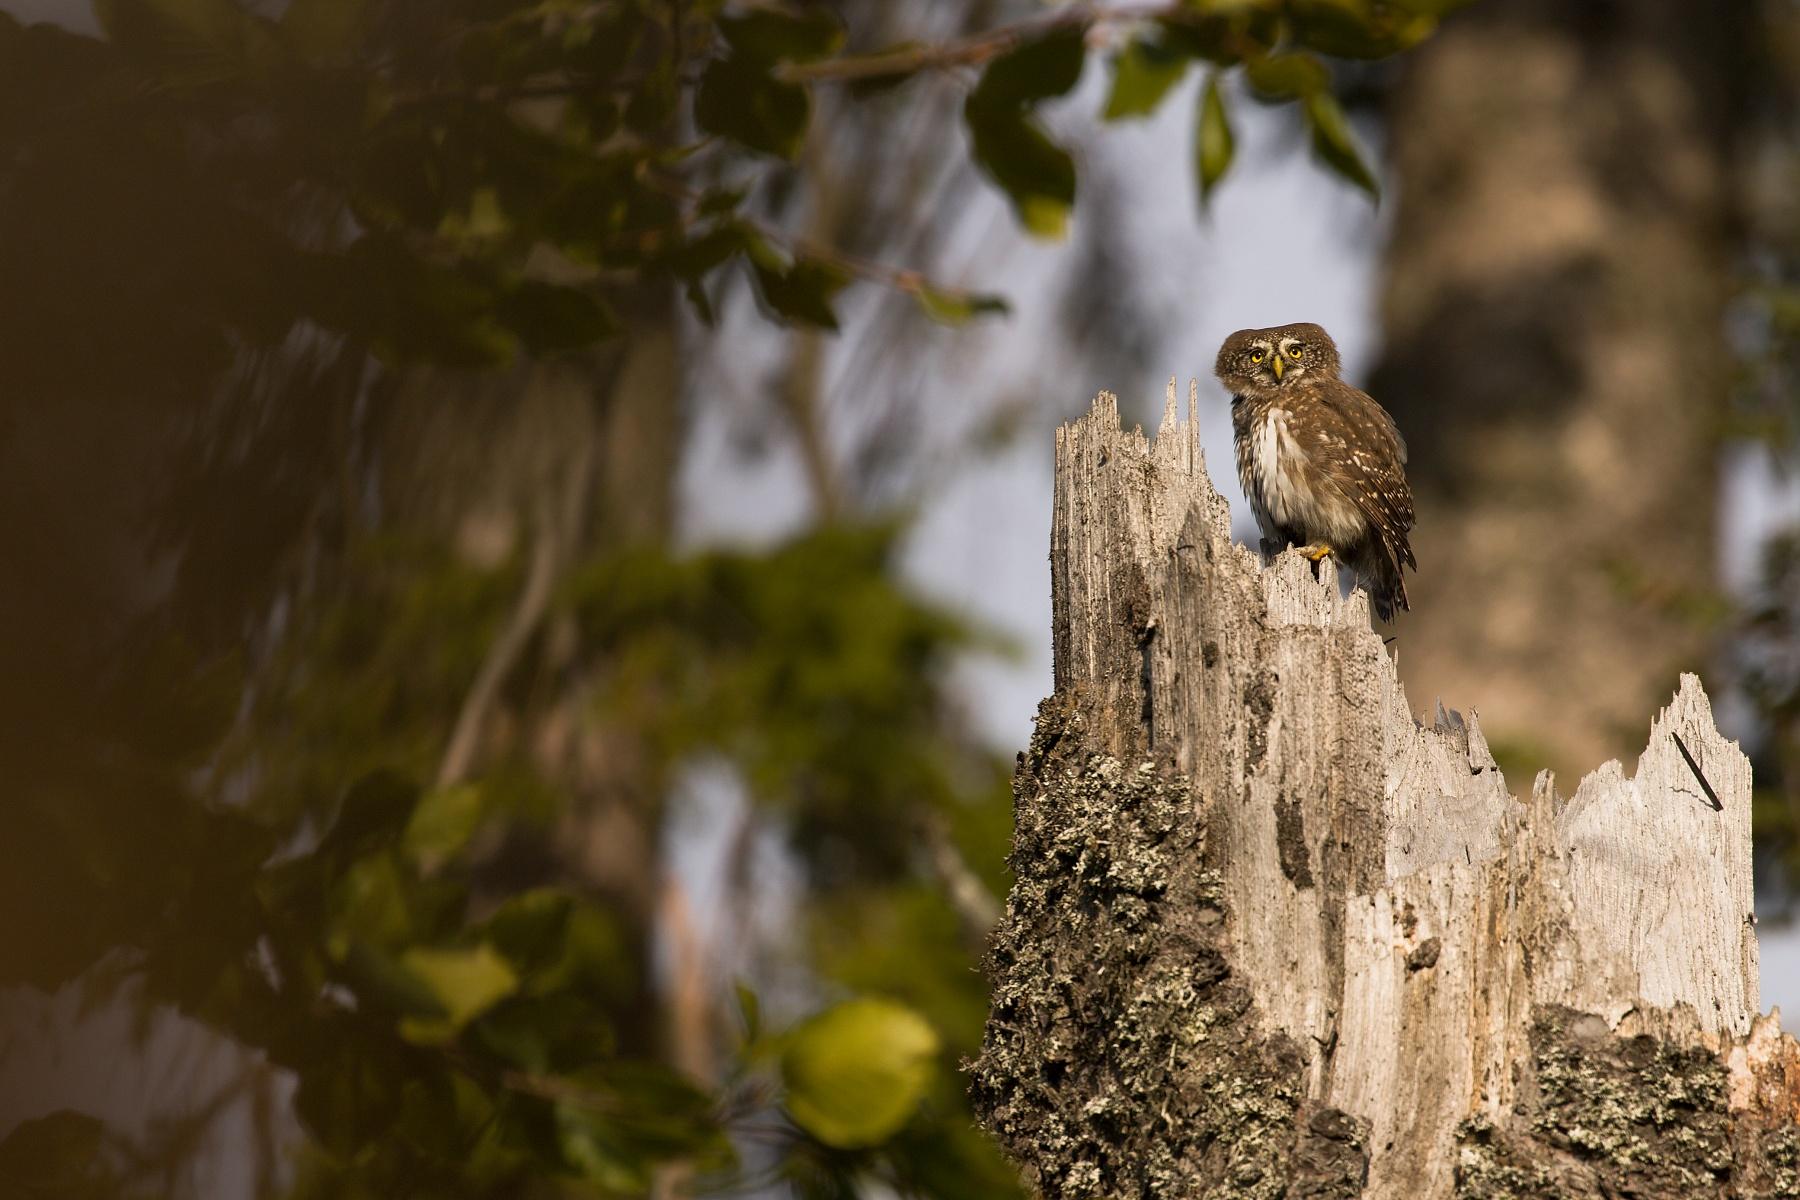 kuvičok vrabčí (Glaucidium passerinum) Pygmy owl, Muránska planina, Slovensko Canon EOS 6D mark II, Canon 100-400mm, f4.5-5.6 L IS II USM, 400 mm, f9, 1/250, ISO 125, 11. september 2020